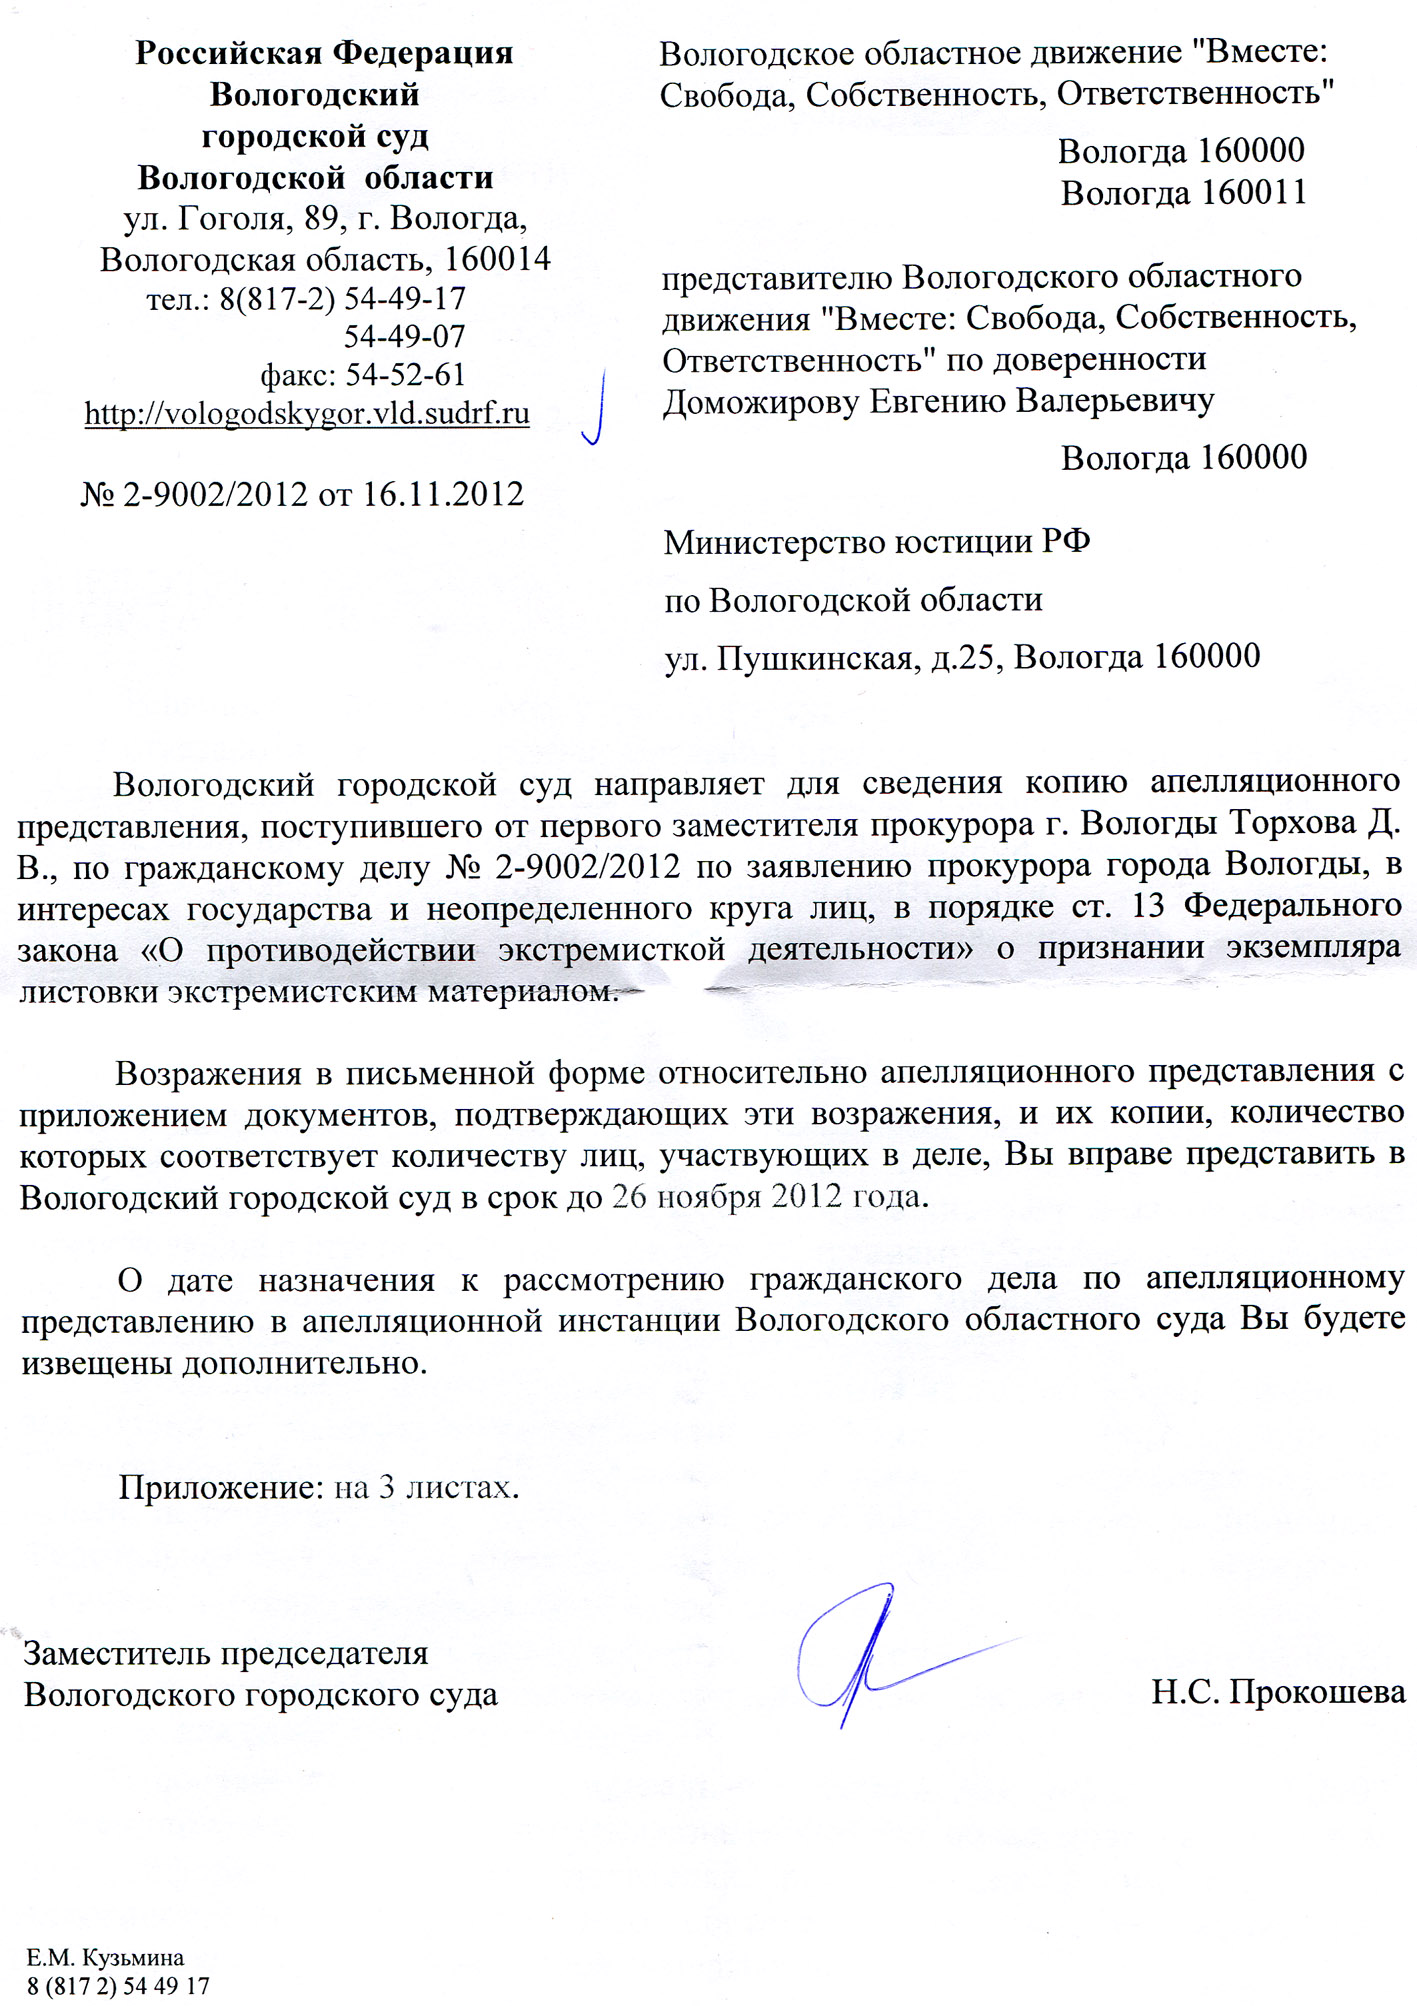 Аппеляция прокуратуры_1_